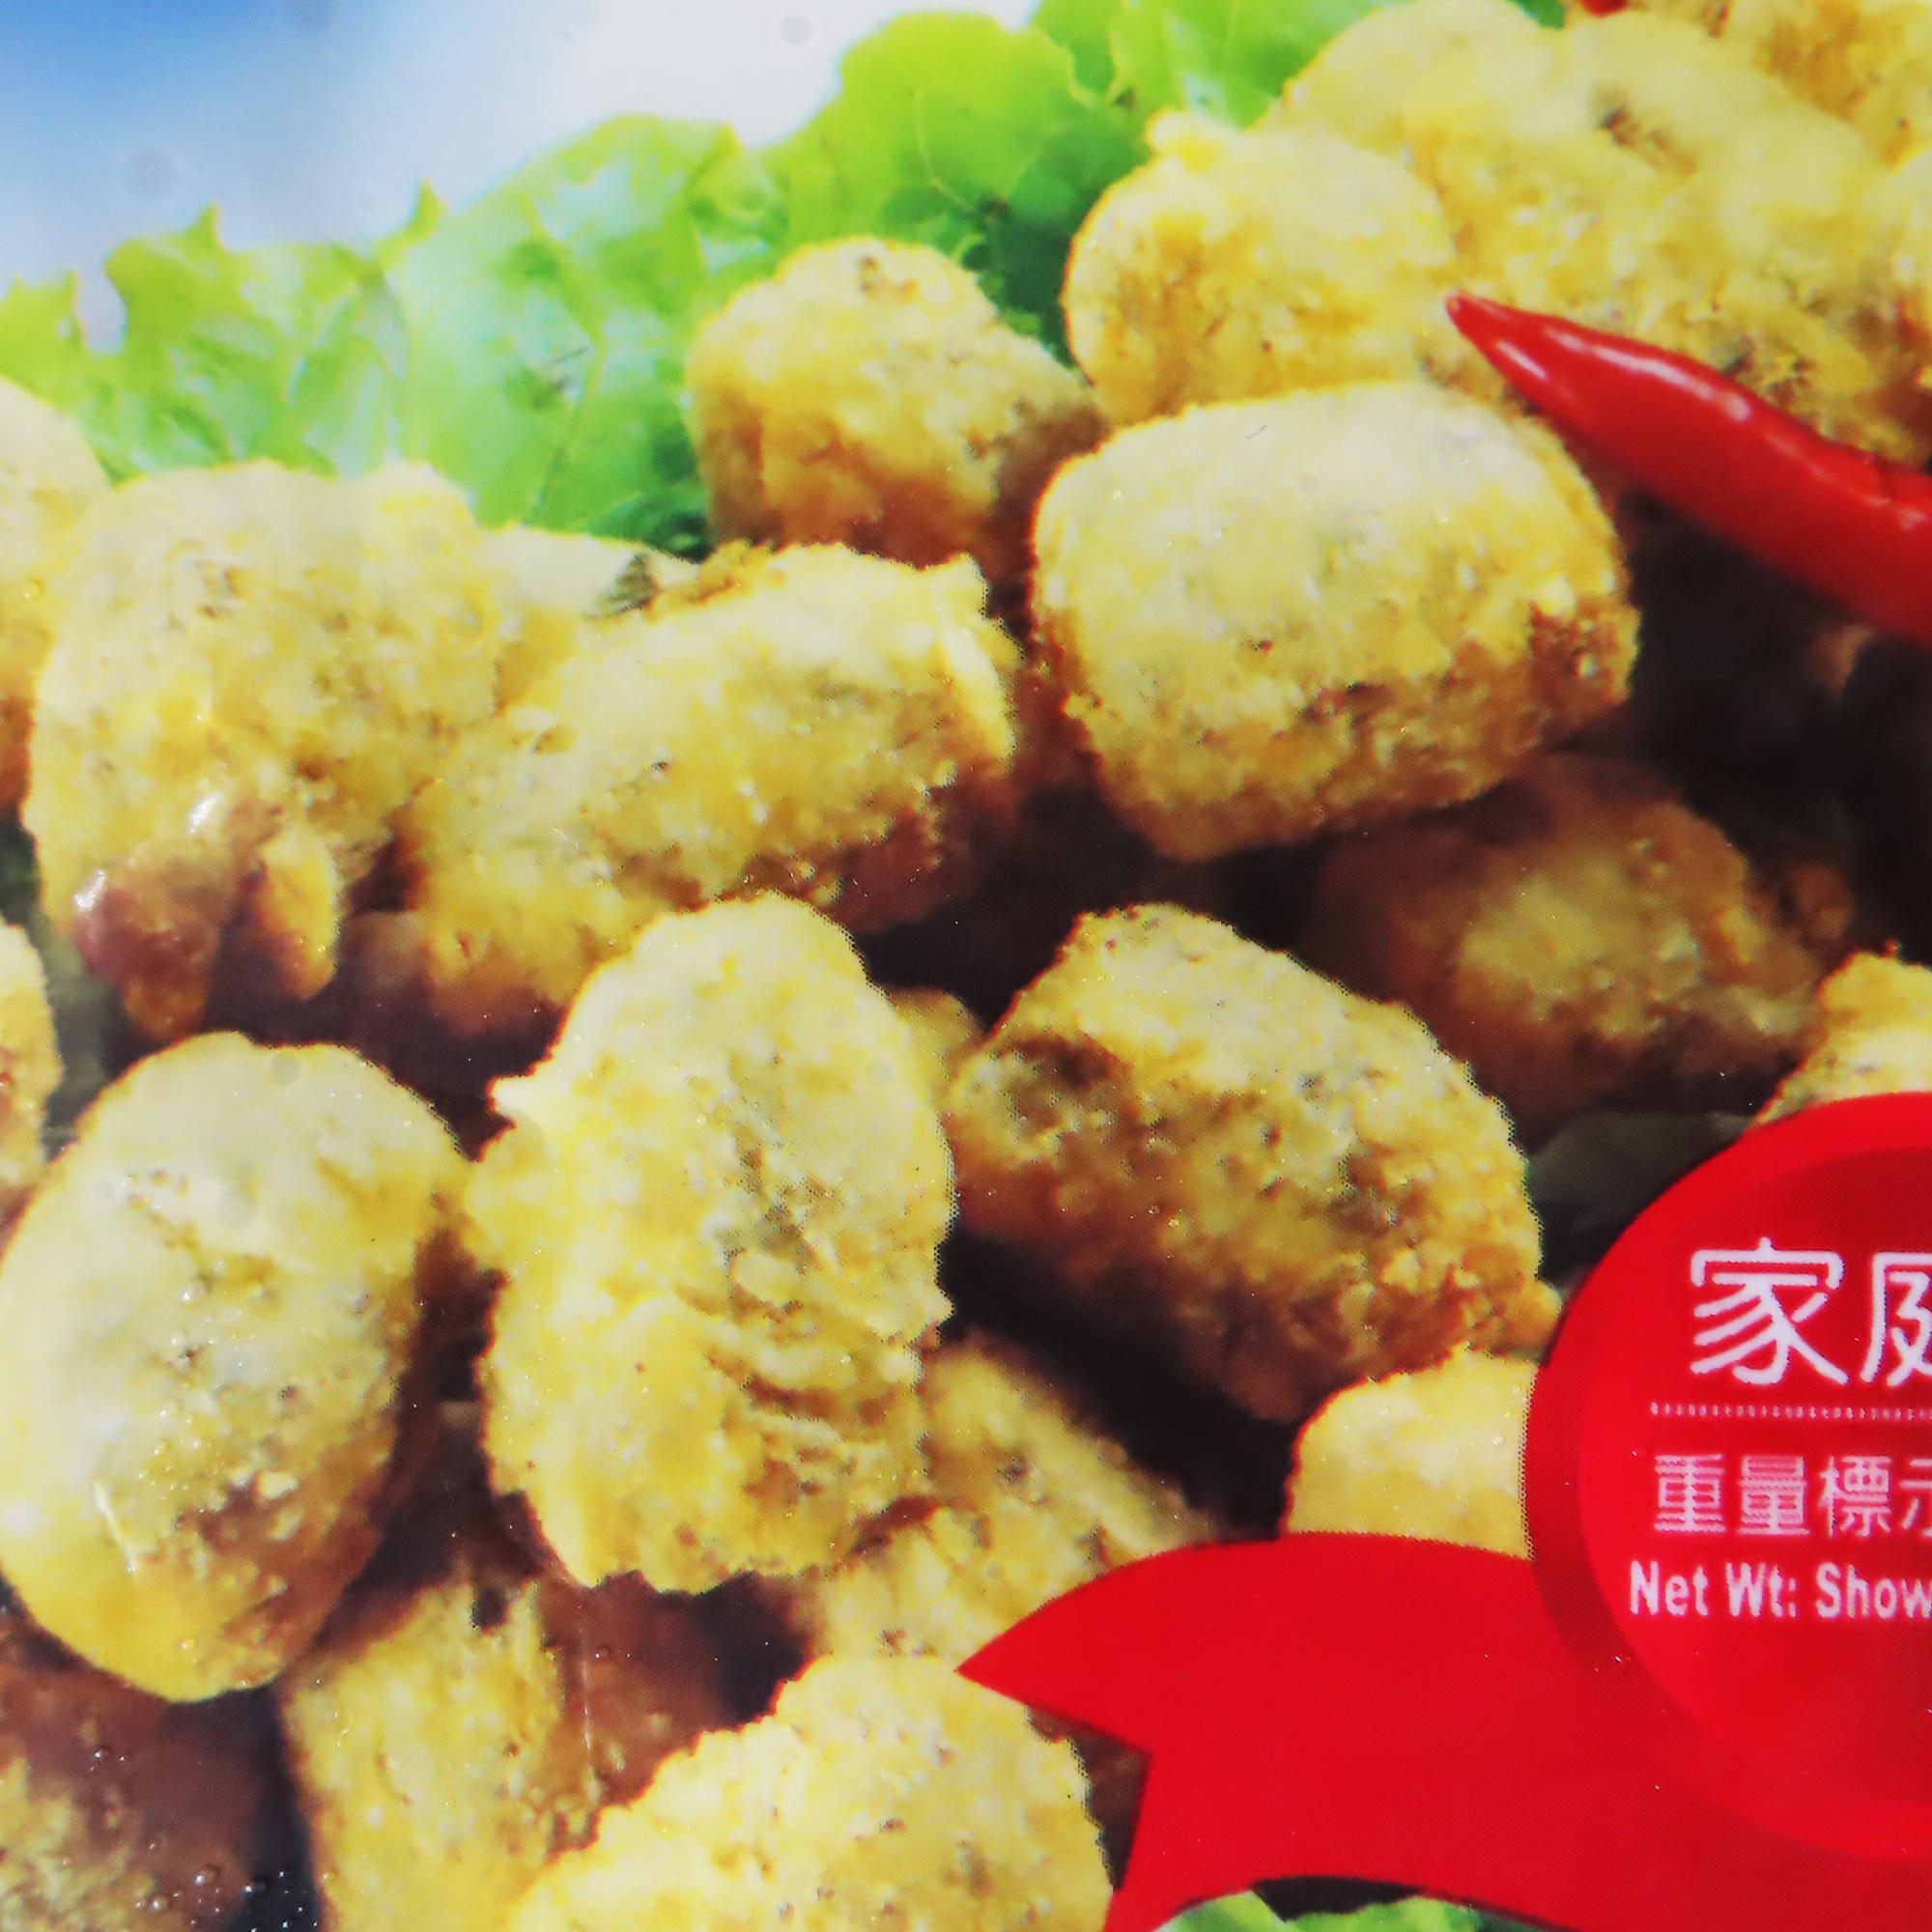 Image Veggie Crispy Oyster 全广-蚵仔酥 600grams